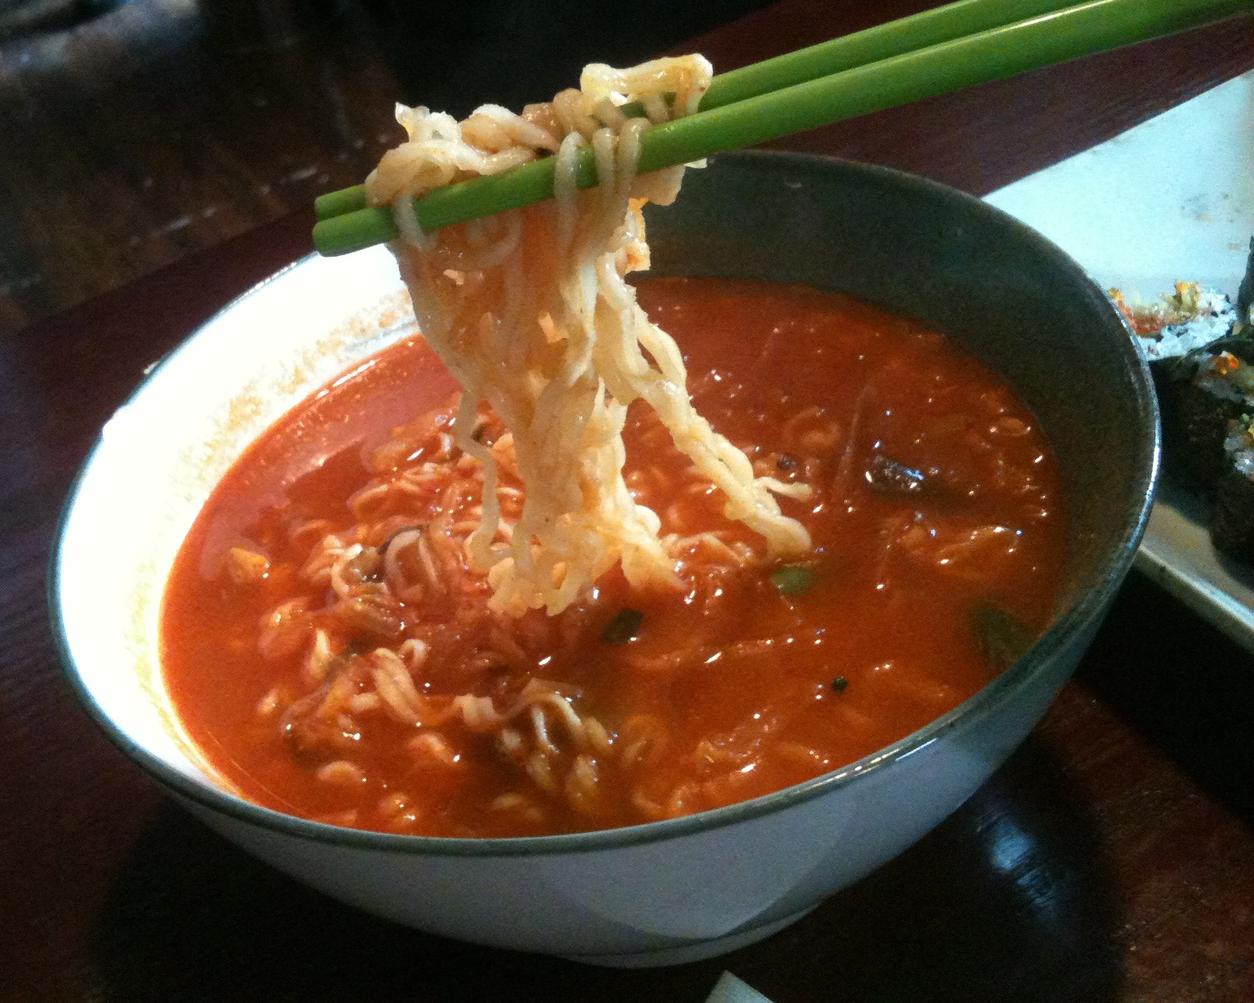 찌개라면 - JIGGAE RAMEN  Ramen but in the broth of Dwenjang Jiggae! Love the twists they have on regular dishes to make them exciting again.